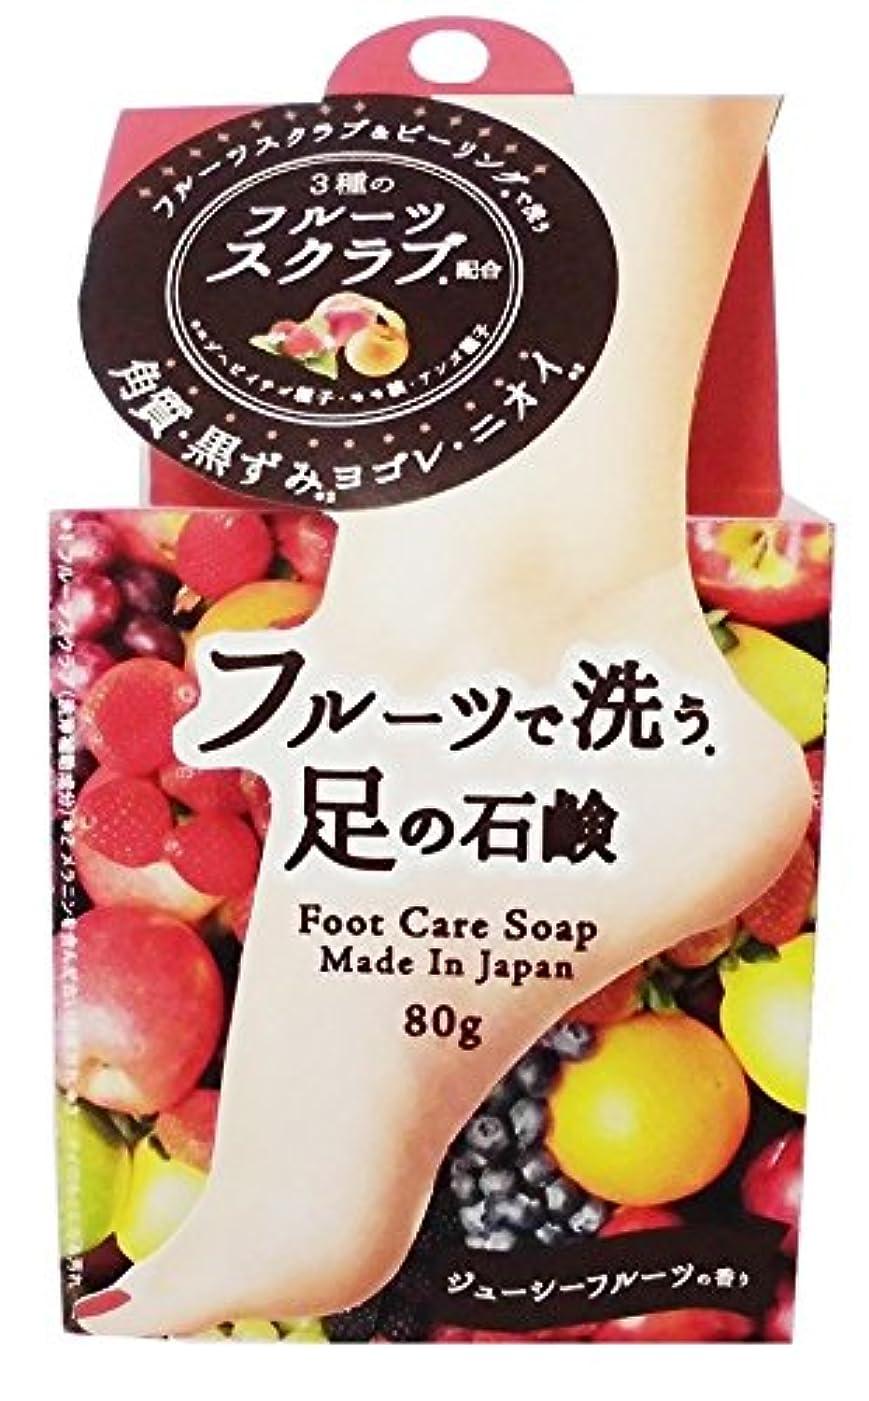 グラム不良品ハッピーペリカン石鹸 フルーツで洗う足の石鹸 80g